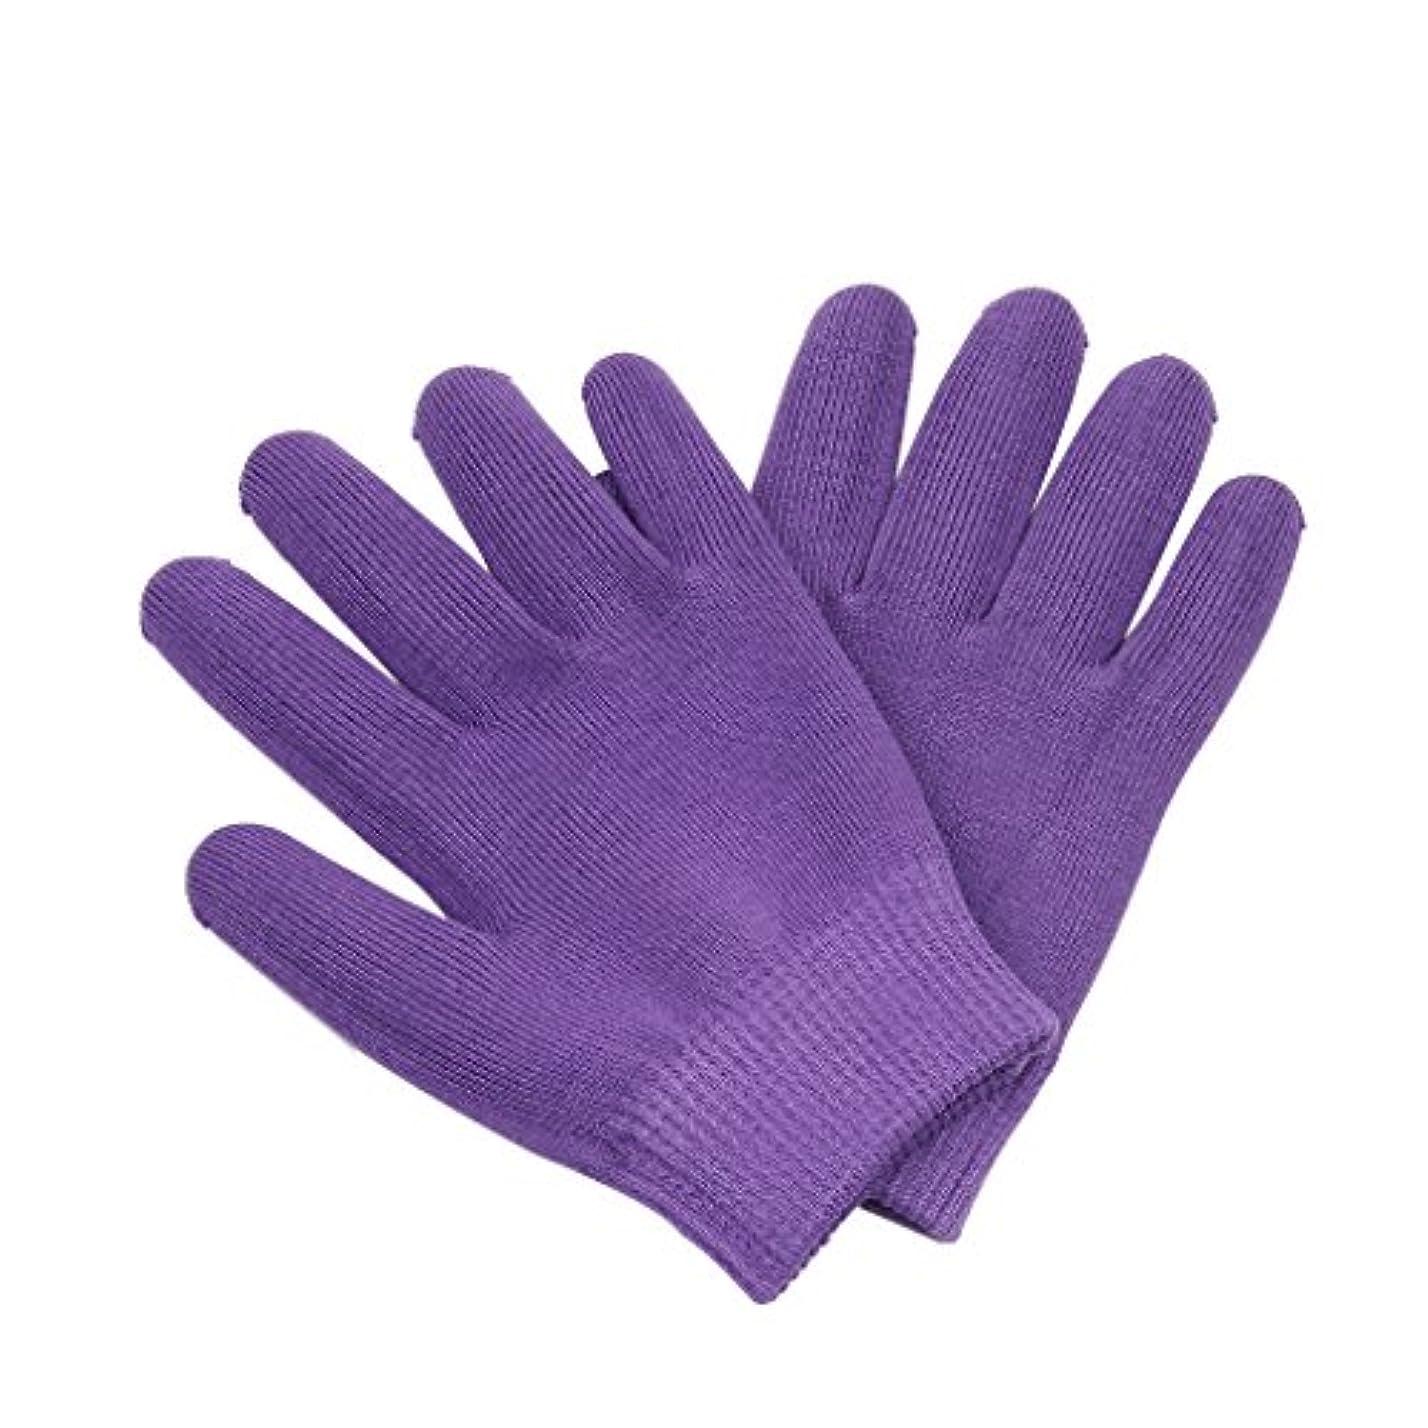 息子破産郡Lovoski 保湿手袋 おやすみ手袋 手袋 手湿疹 乾燥防止 手荒れ 保湿 スキンケア  メンズ レディース 全3色選べ - 紫